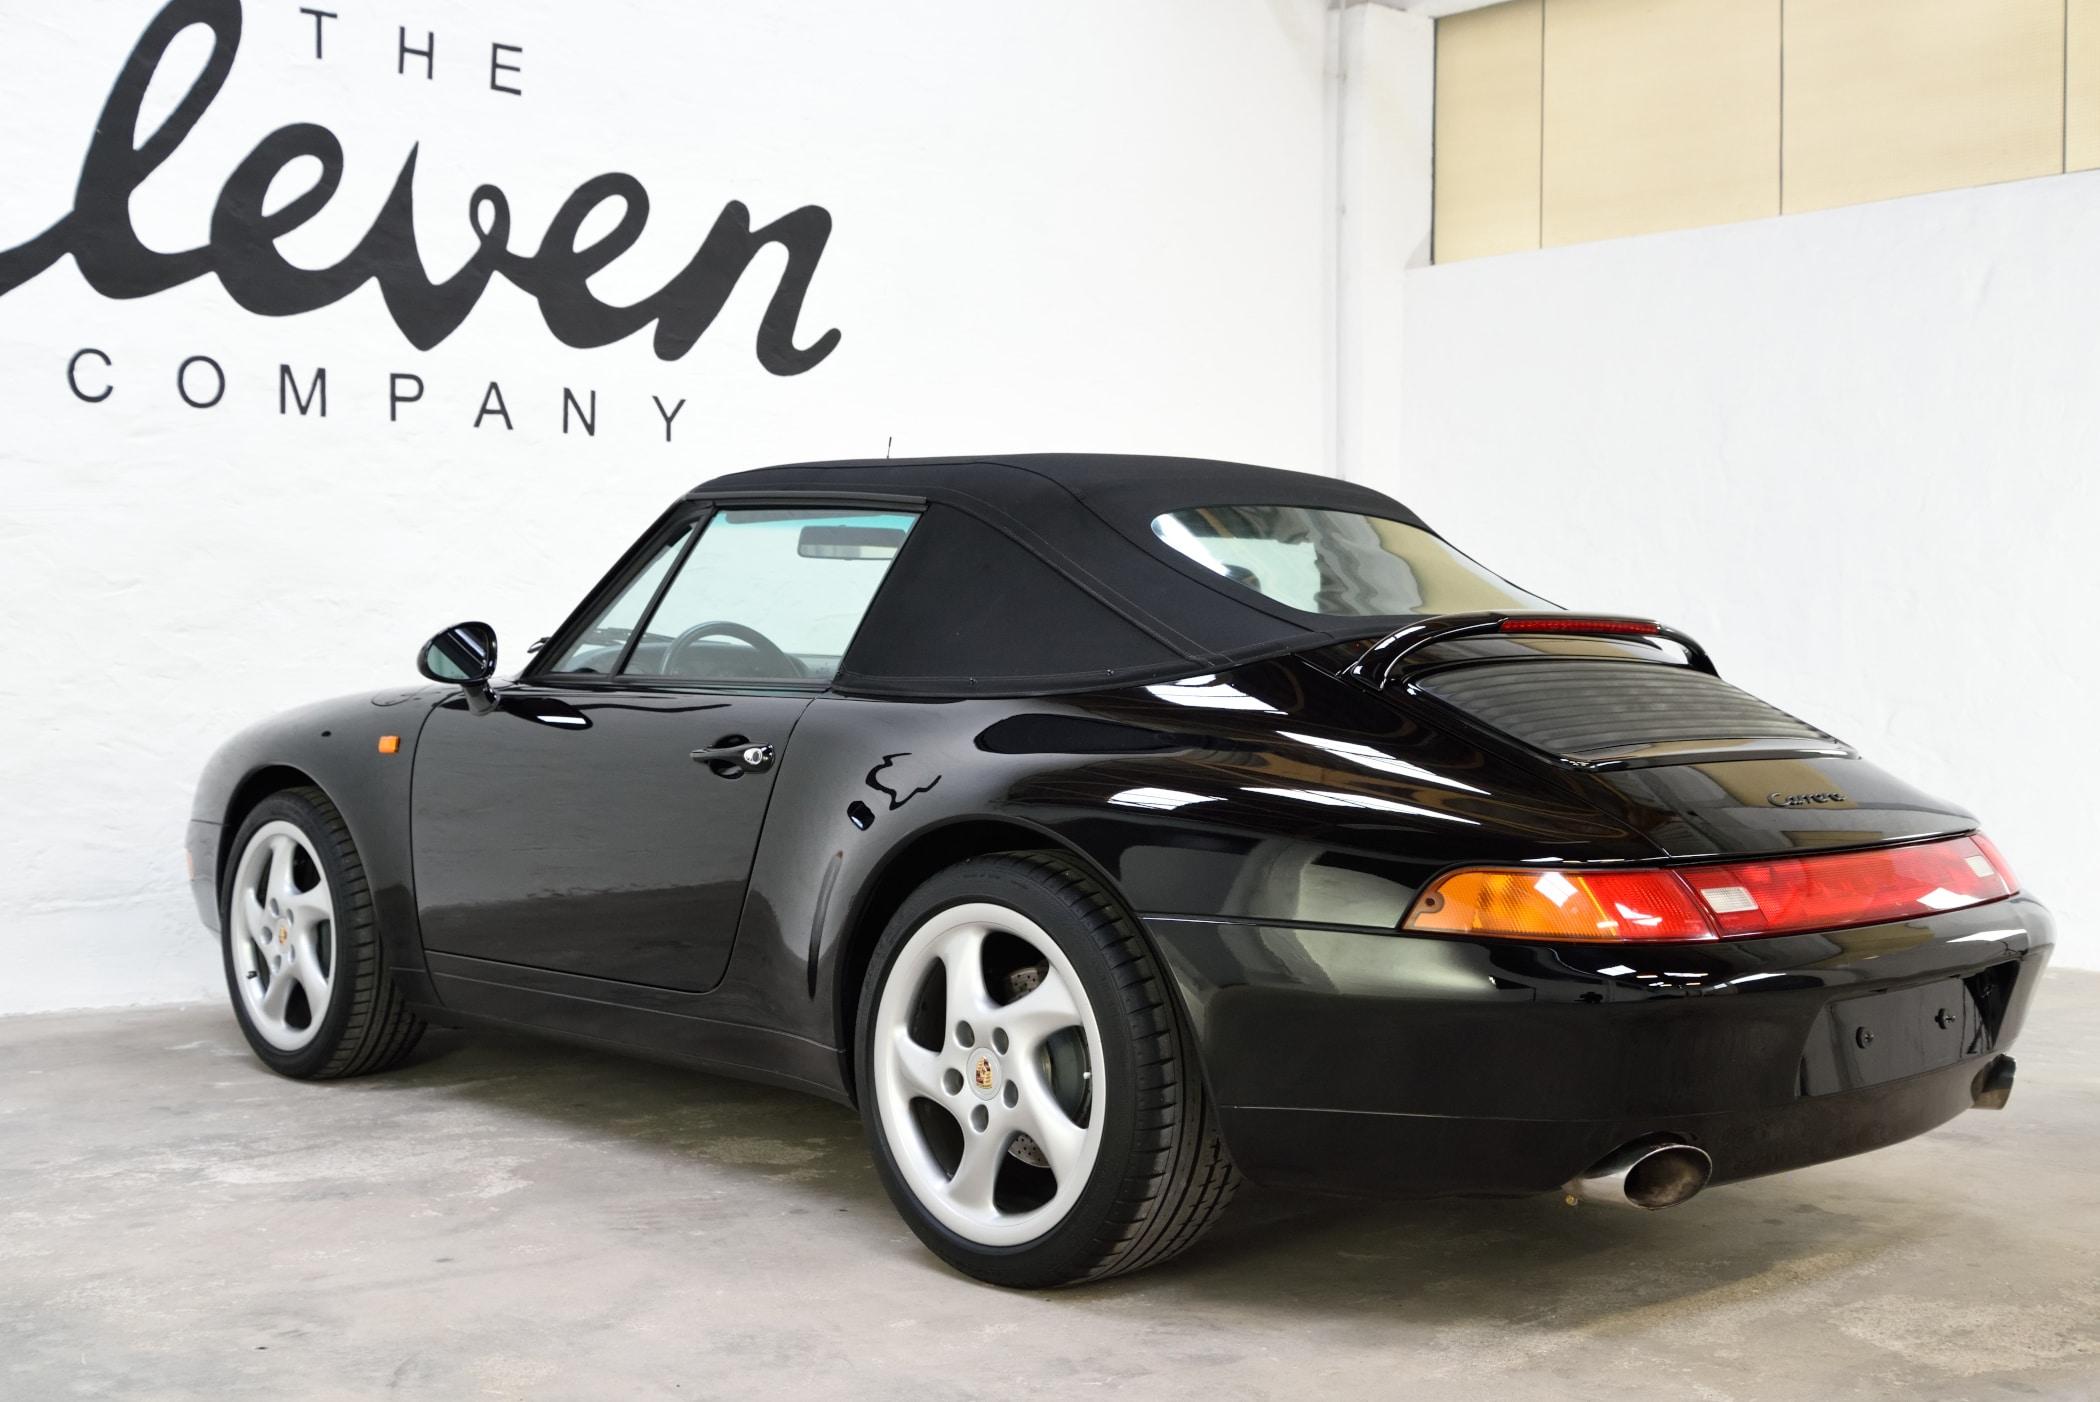 Porsche C00